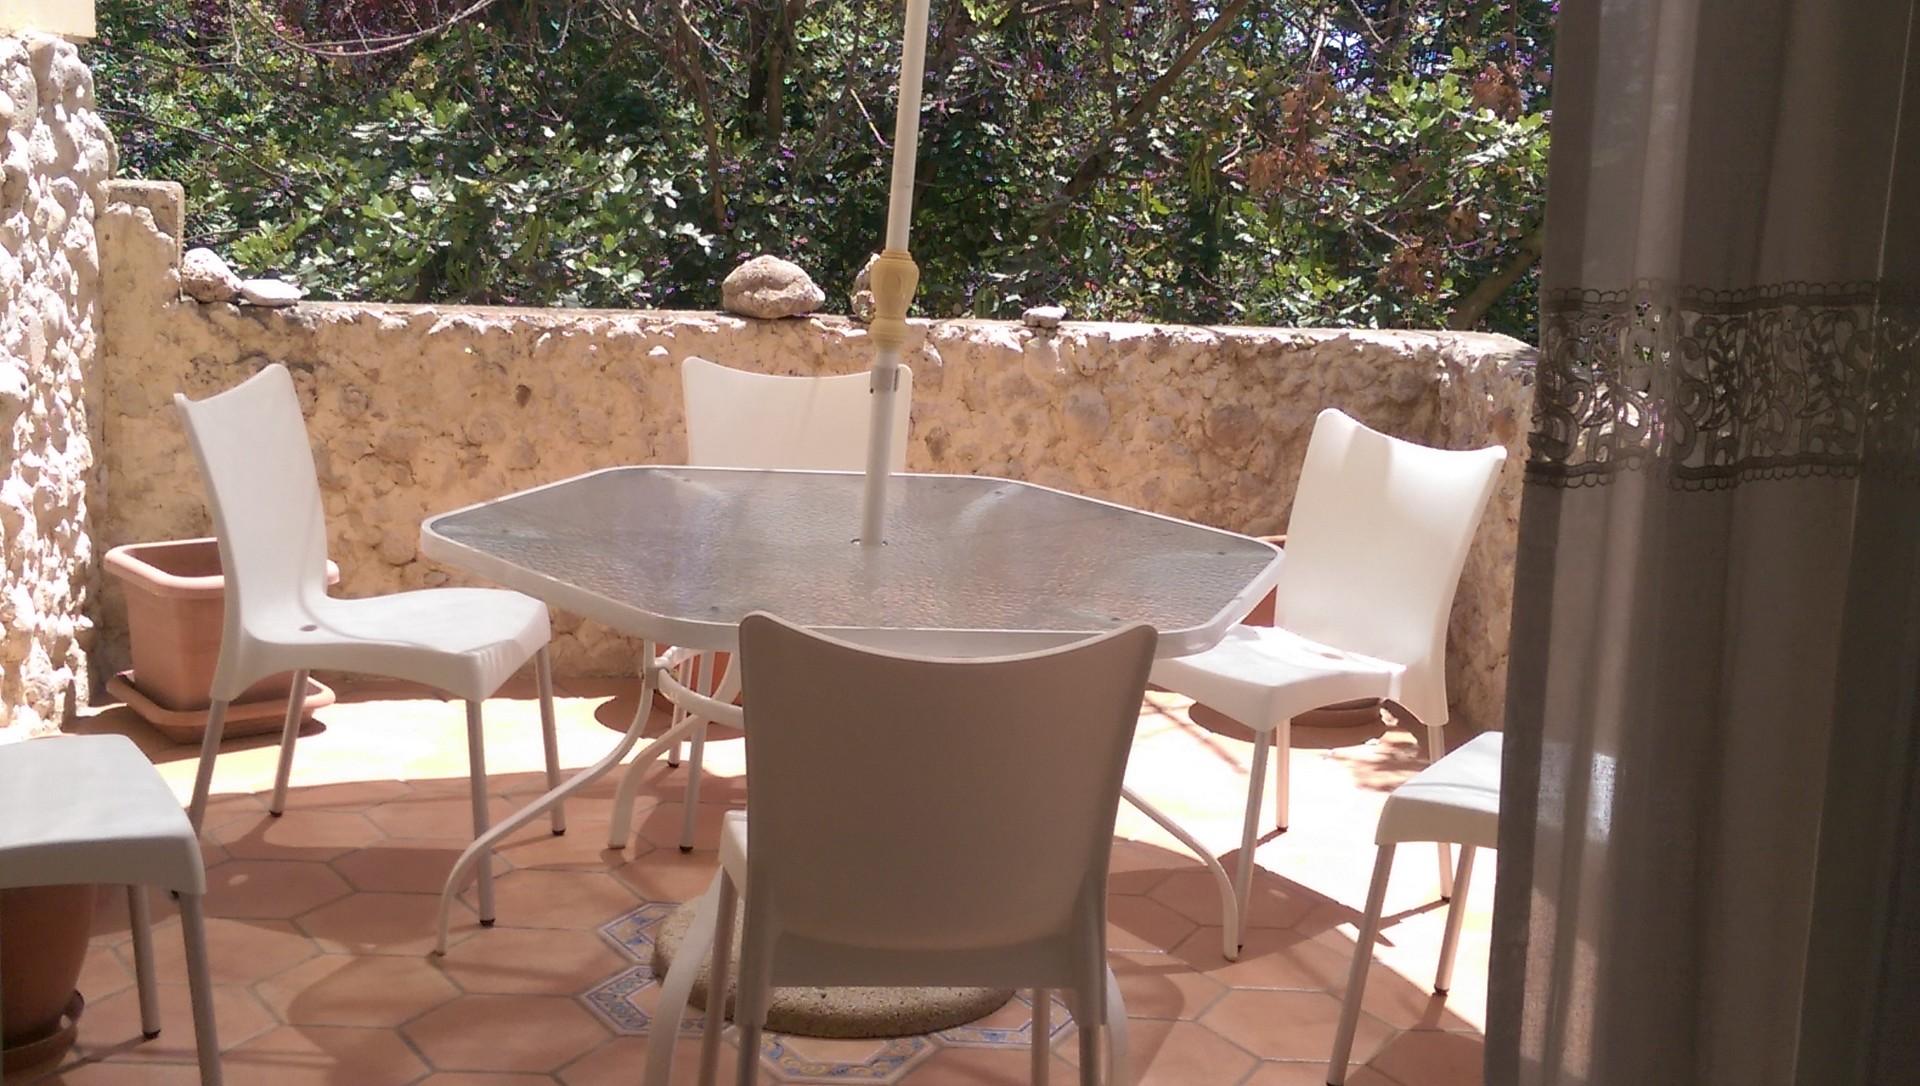 Habitaci n doble para una persona terraza muy cerca de la universidad de malta alquiler - Compartir piso en malta ...